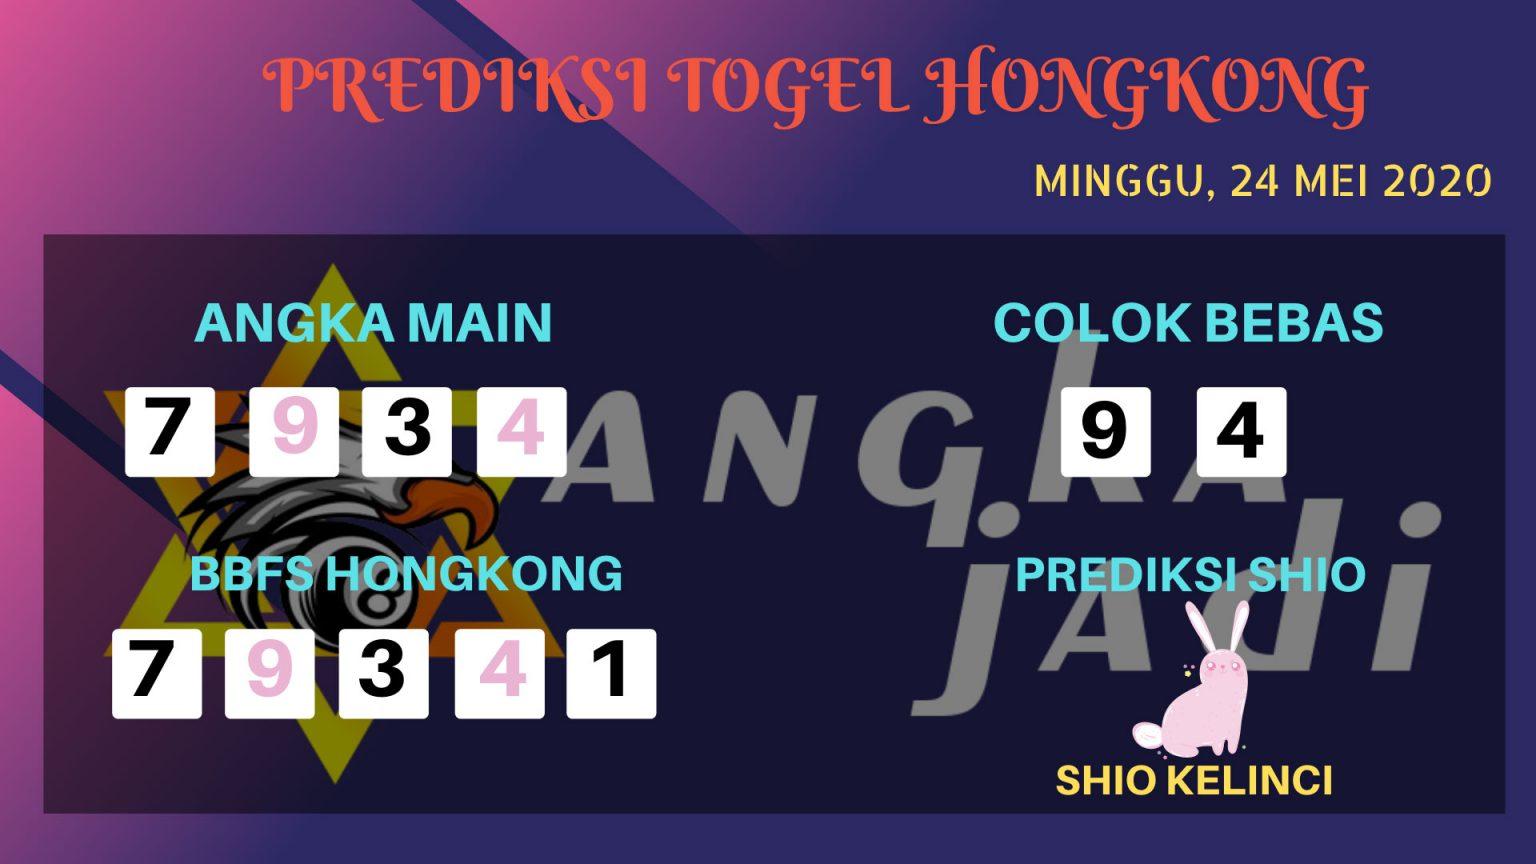 Prediksi HK Minggu 24 Mei 2020 - Bocoran Angka